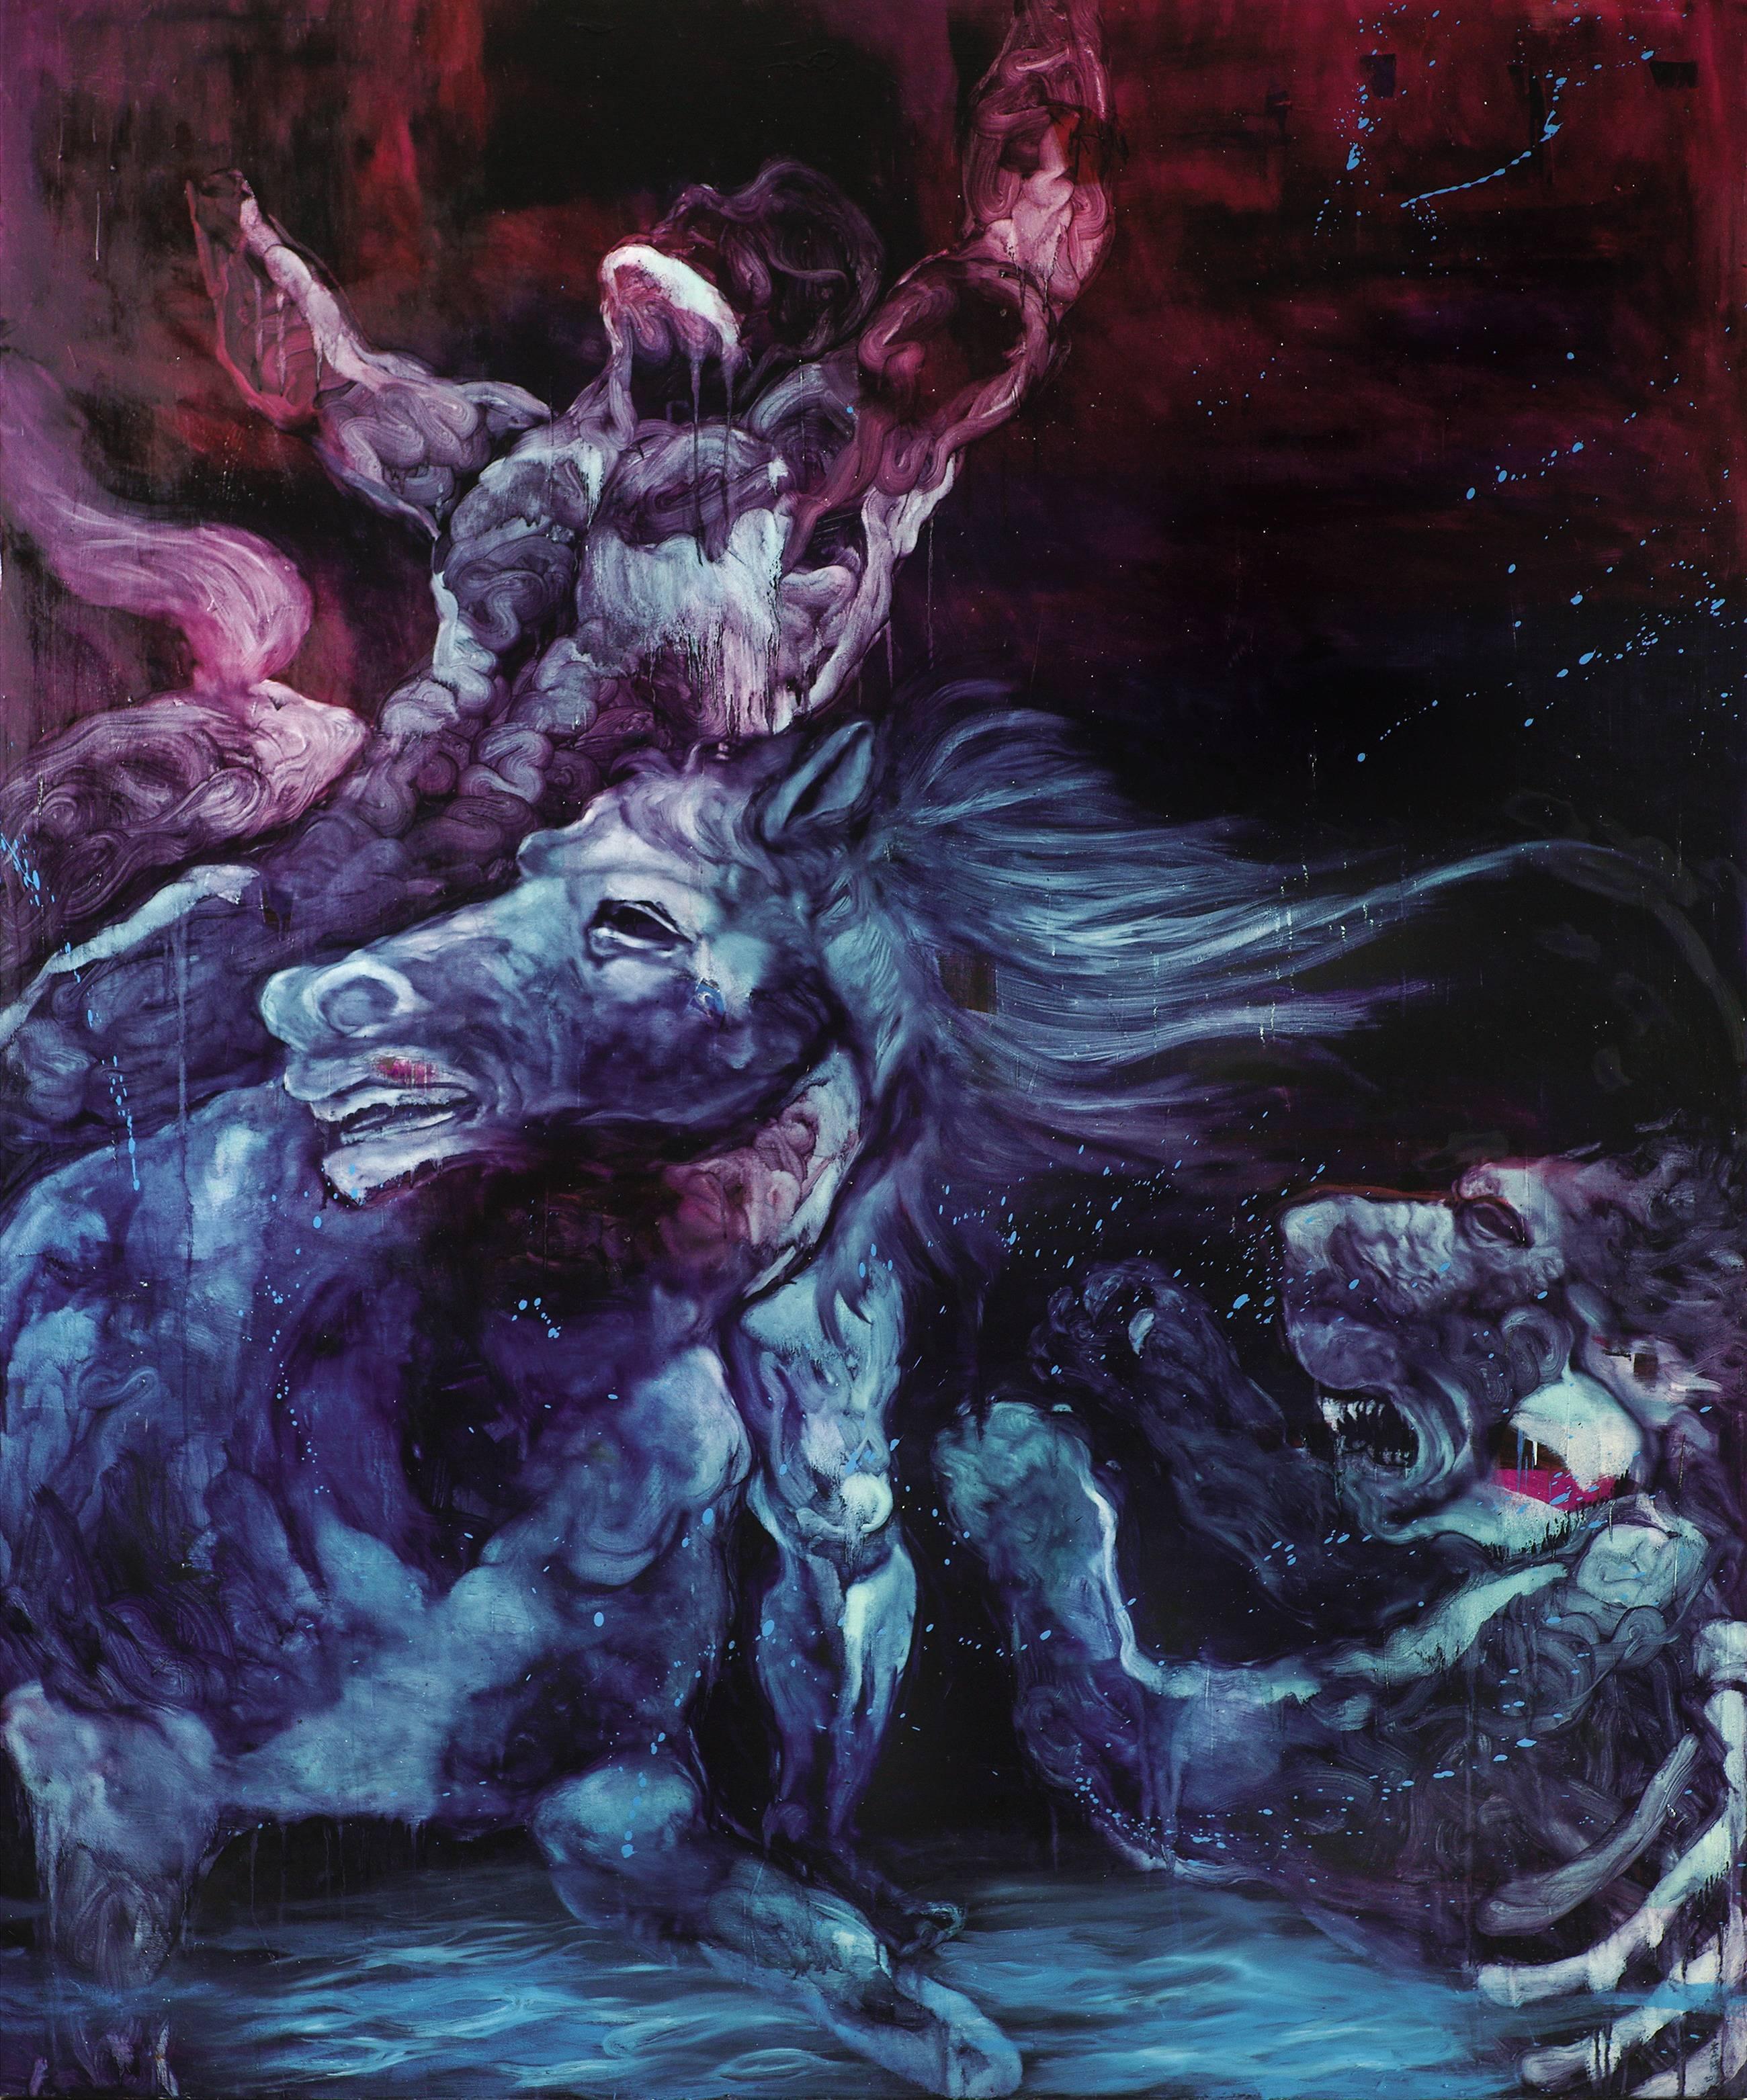 常陵|五花肉系列-肉宗教-江影獵殺|2010|油彩|240x200cm